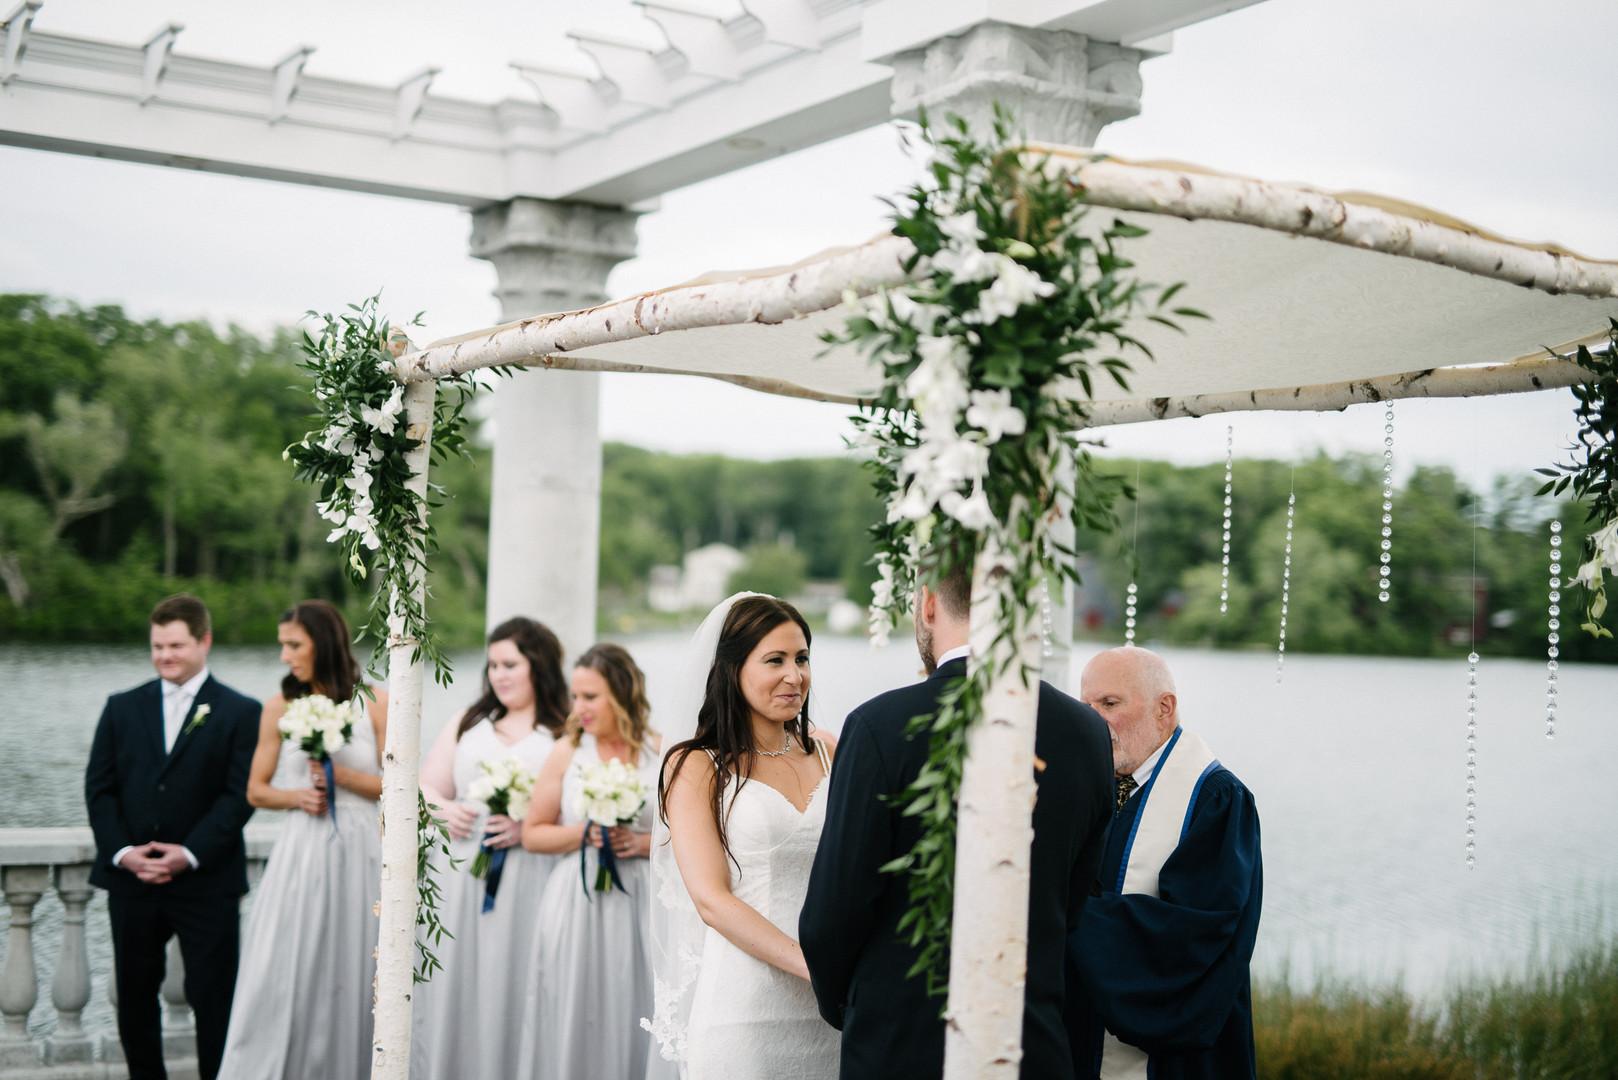 Weddings by C.Mcintosh